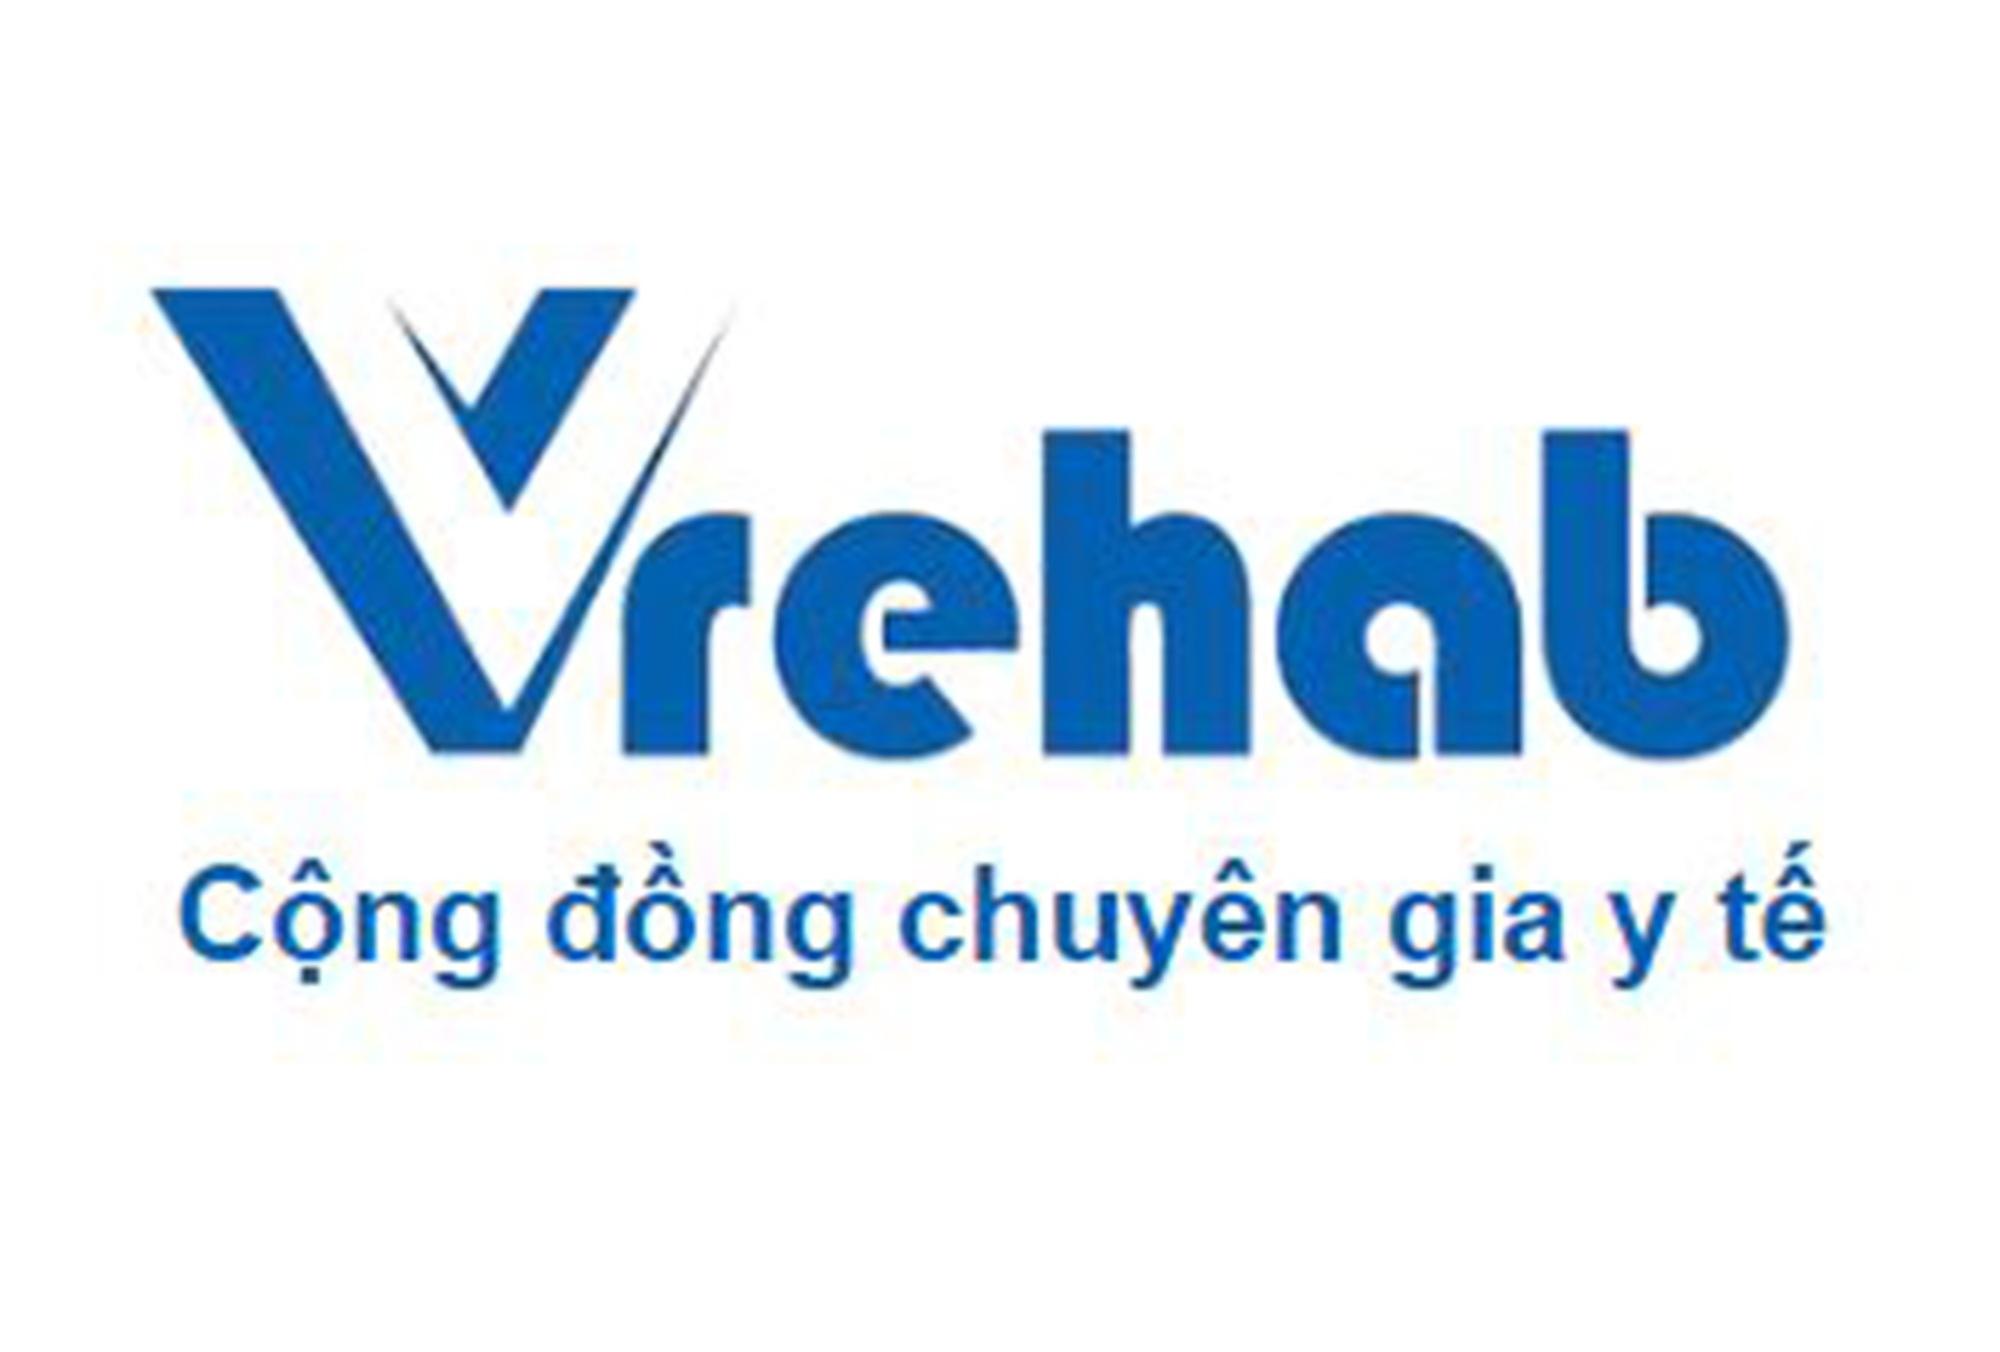 Giới thiệu, hướng dẫn cài đặt và đăng kí phần mềm Vrehab